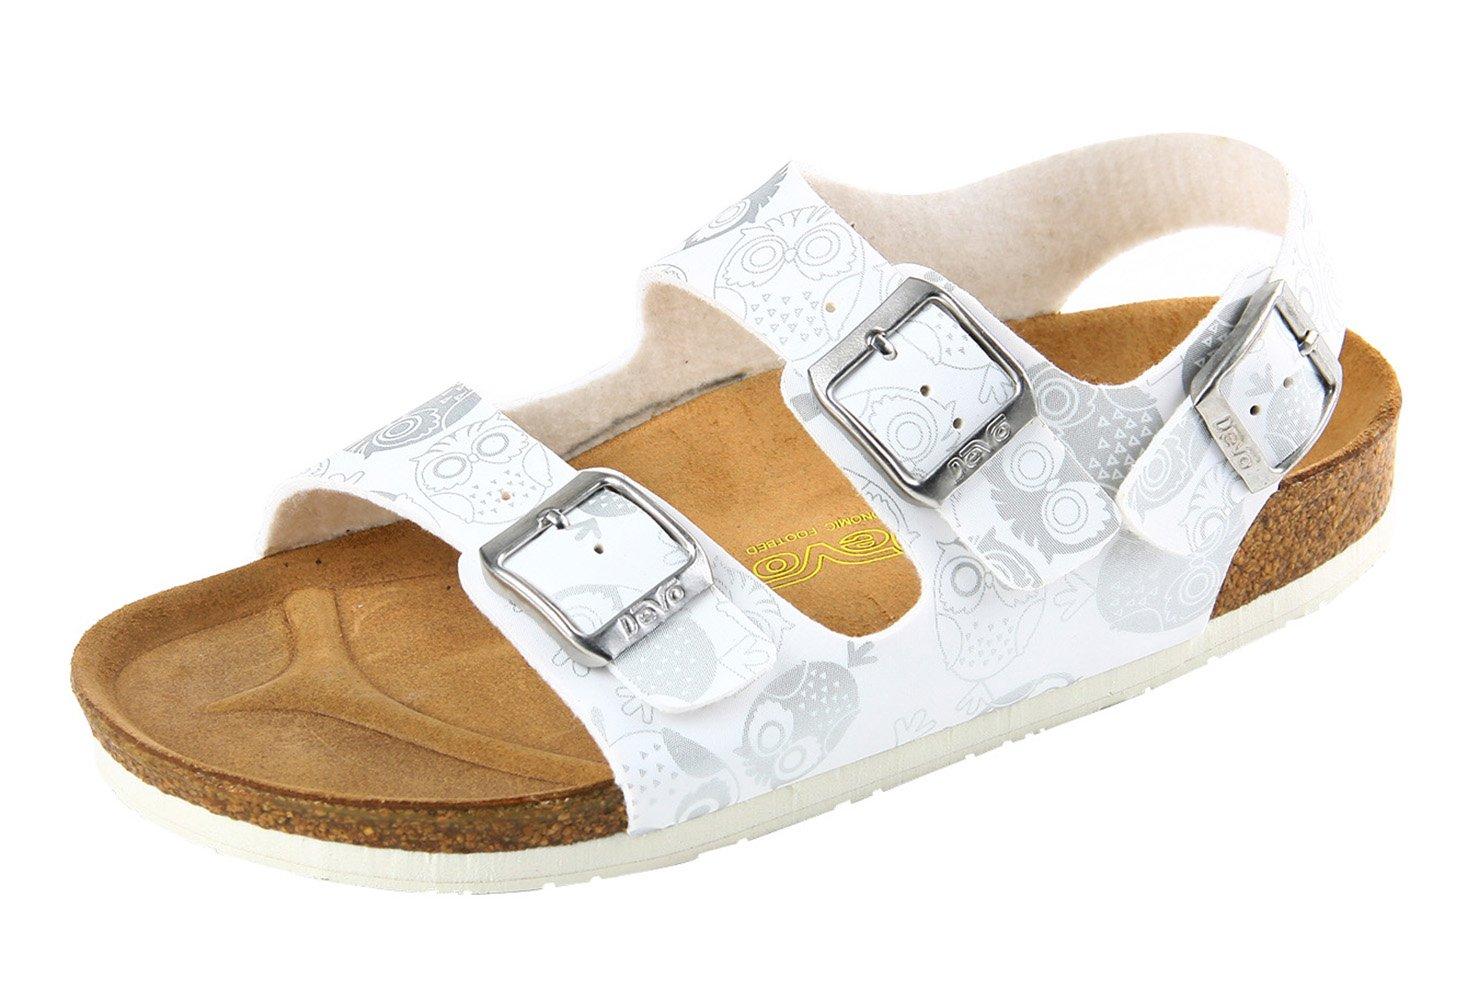 软木鞋舒适勃肯鞋休闲凉鞋女印花沙滩鞋平